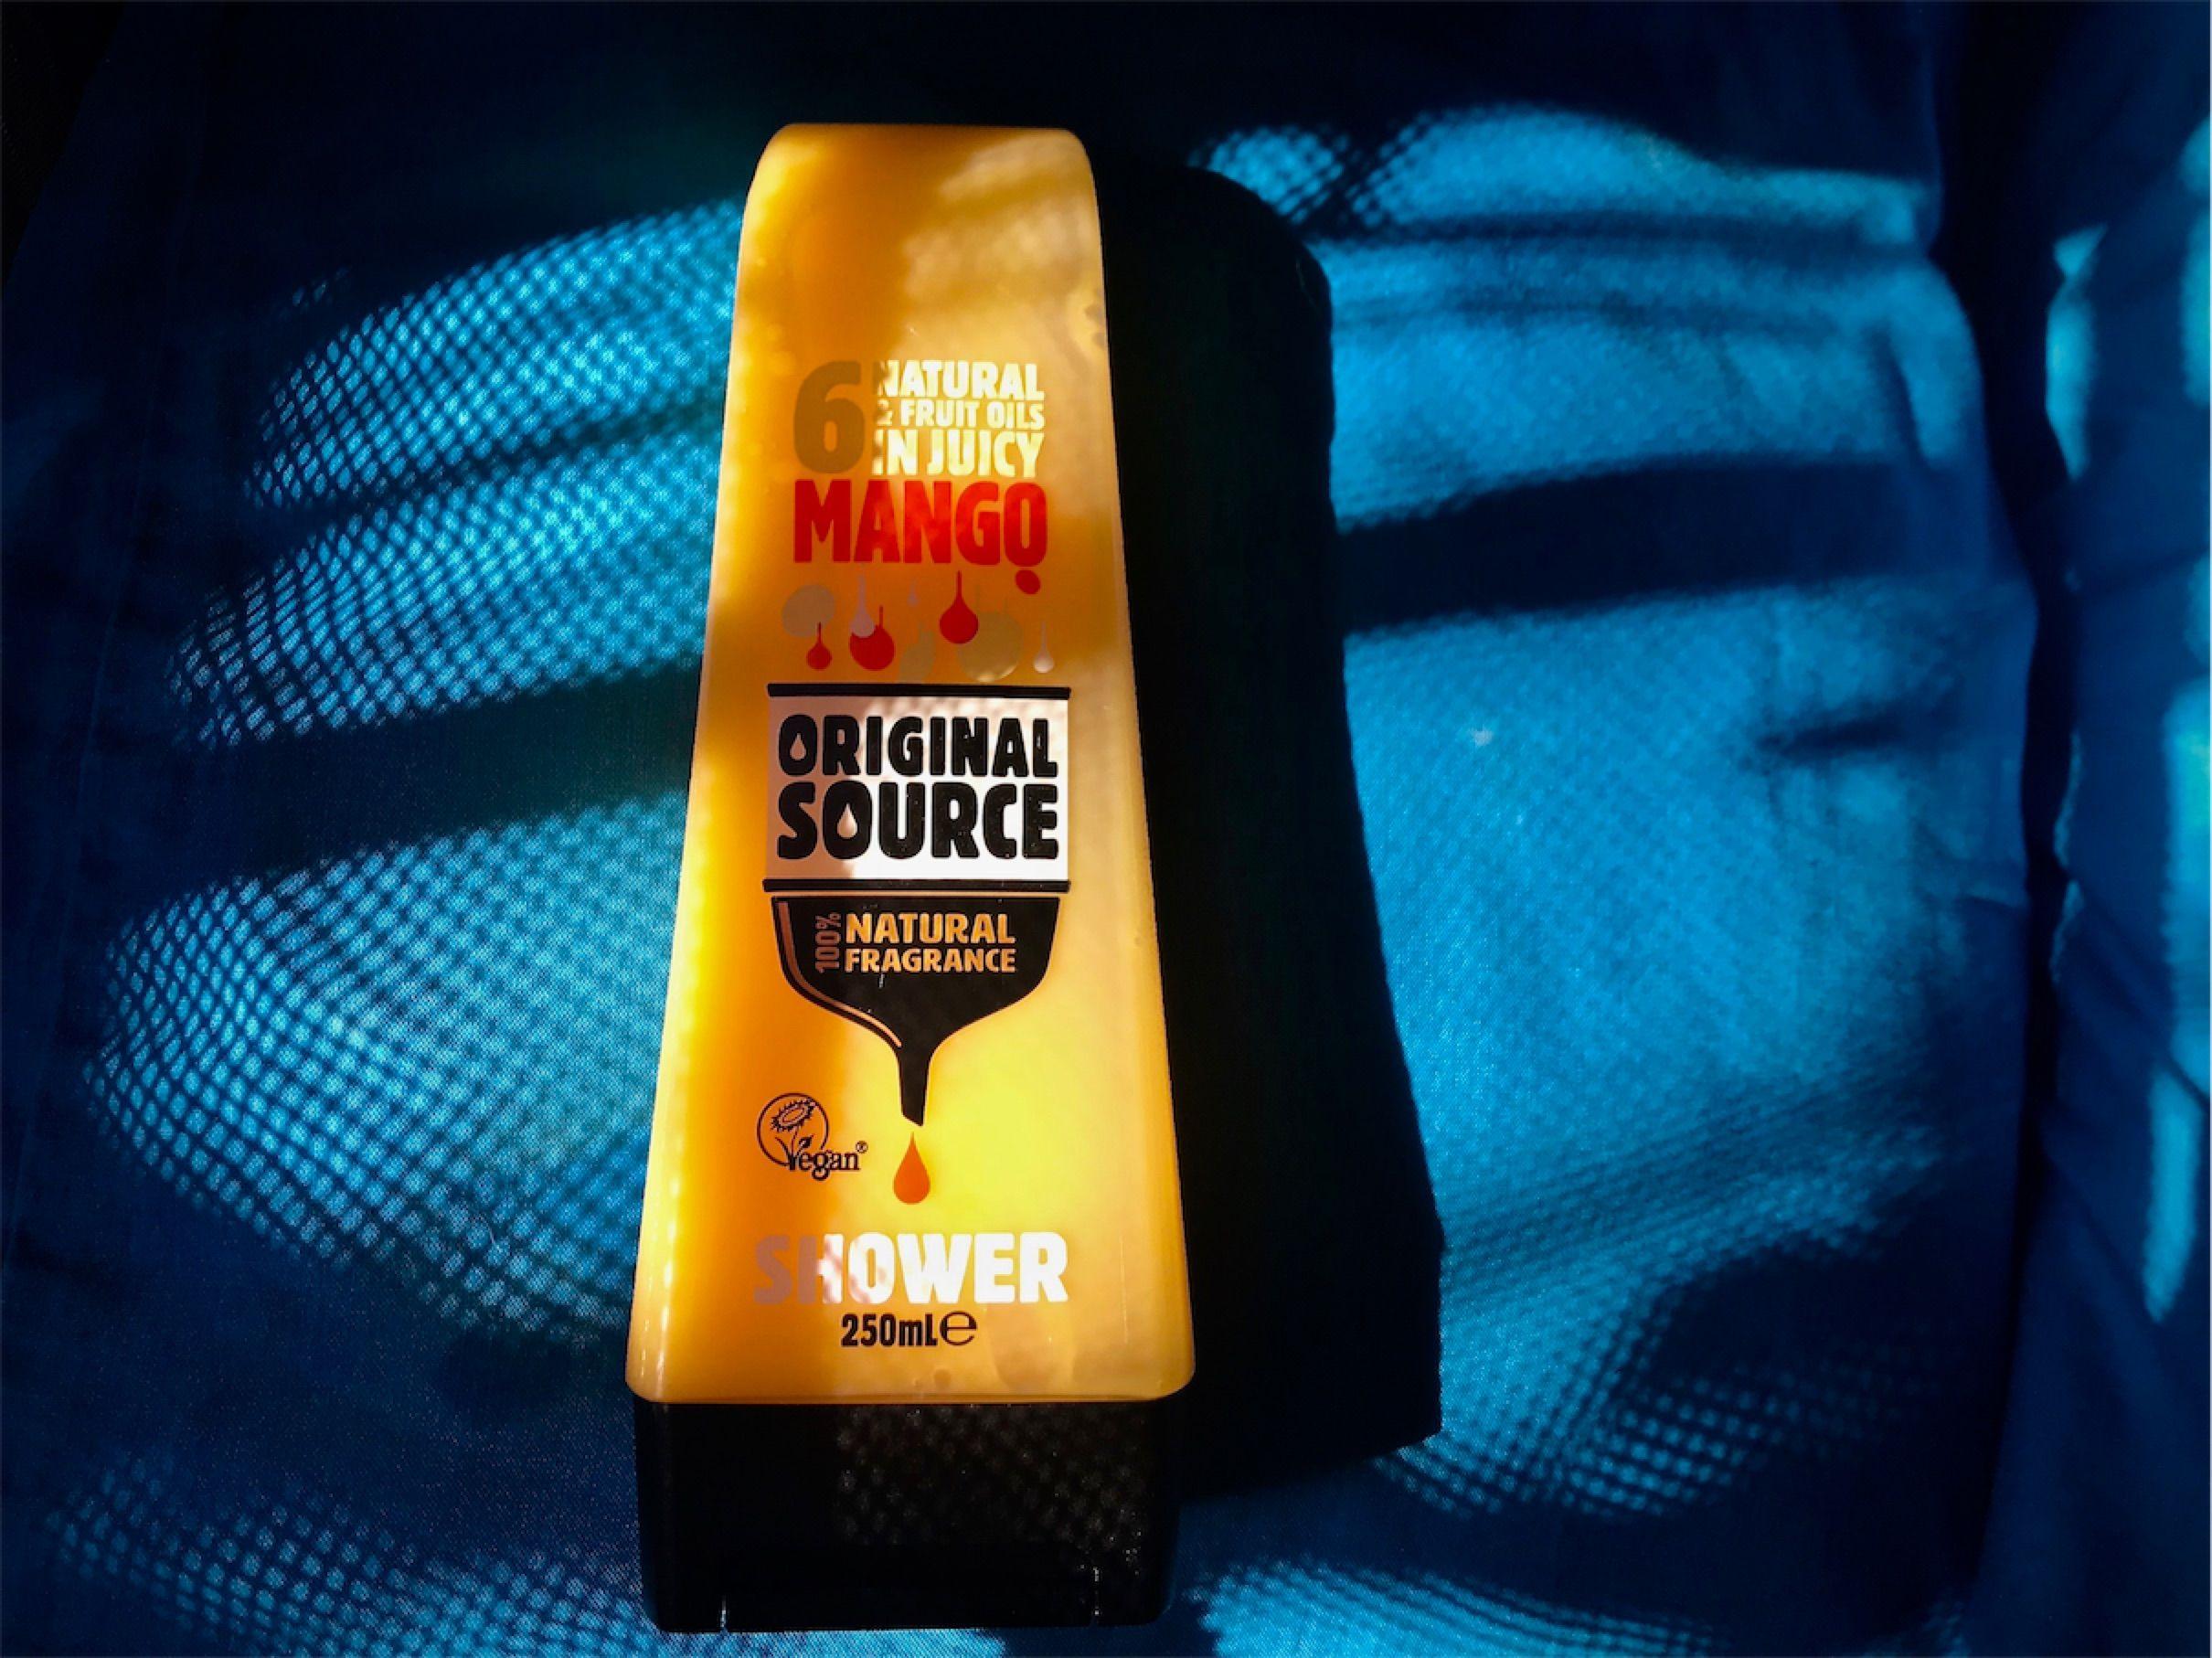 image review Original Source Mango Shower